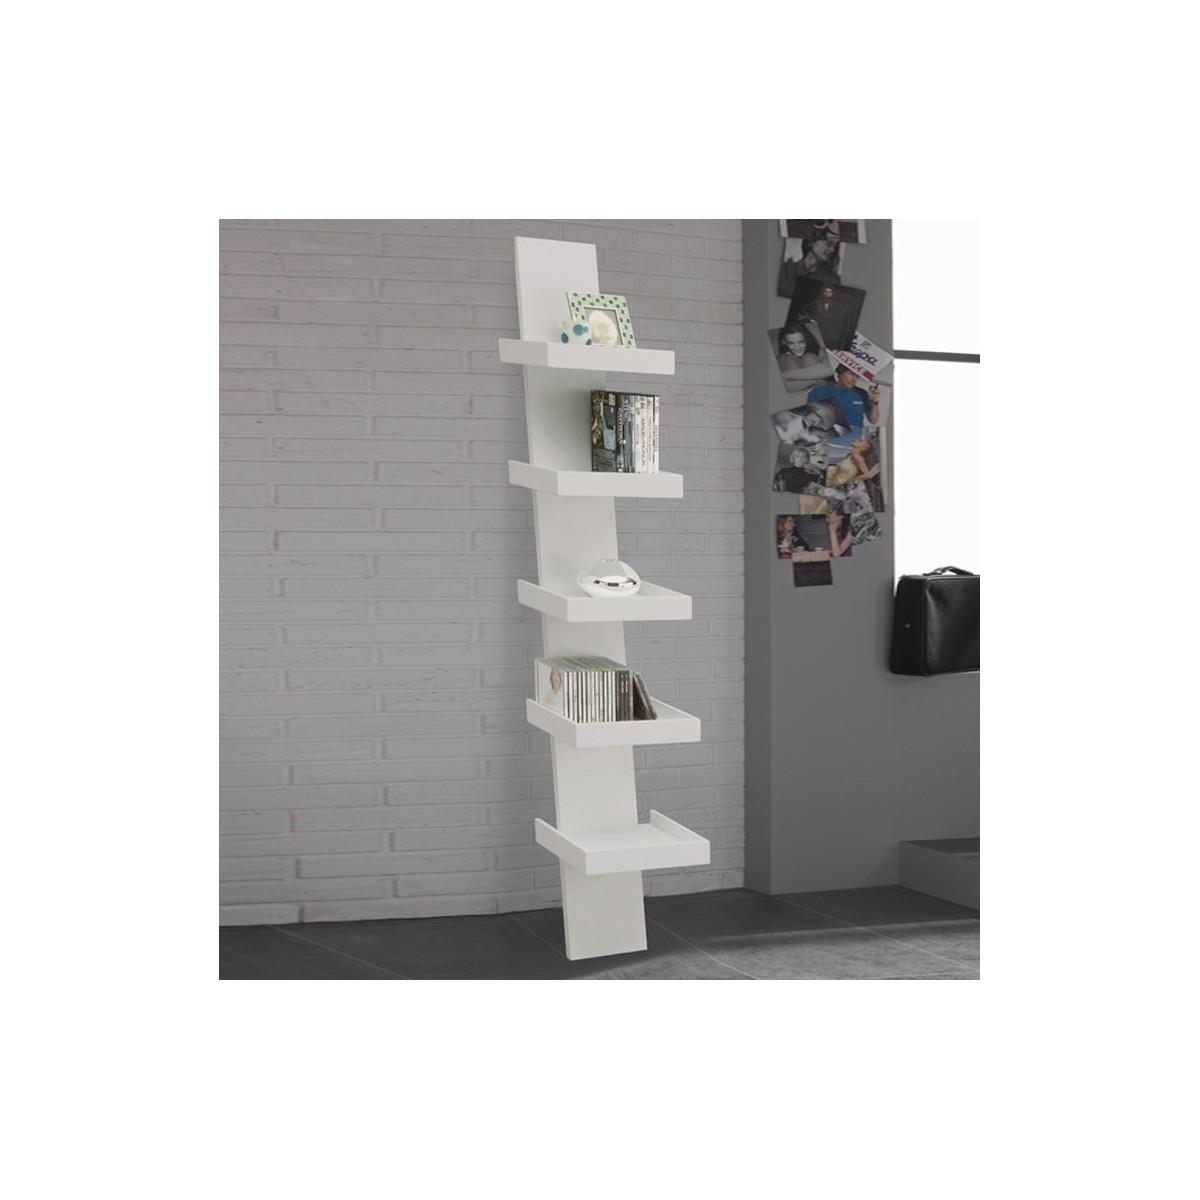 Climbing libreria da parete in legno economica 30 x 155 cm for Libreria bianca economica